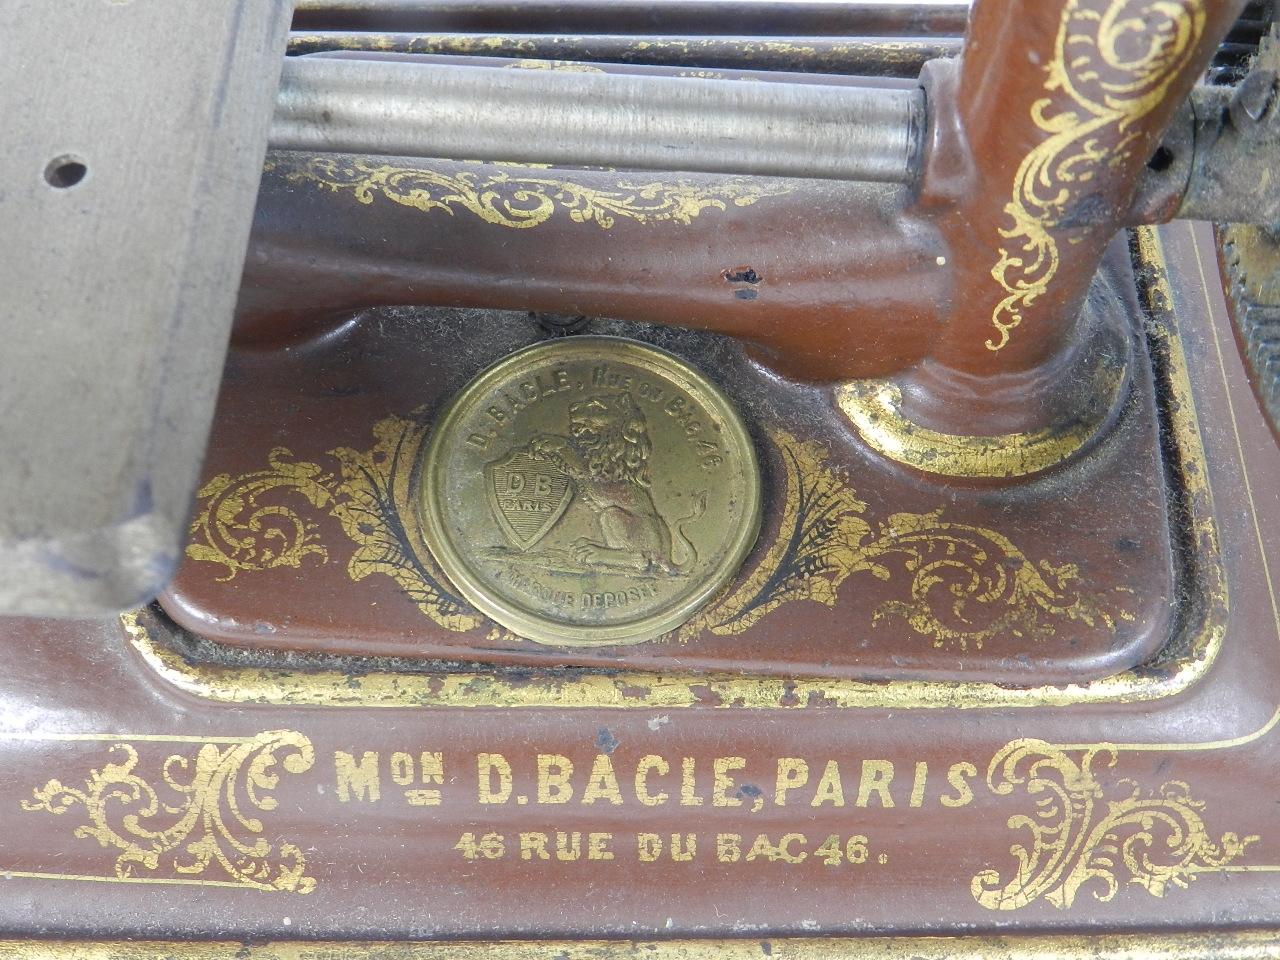 Imagen EXPRESS BACLE COLOR MARRÓN AÑO 1885 35615